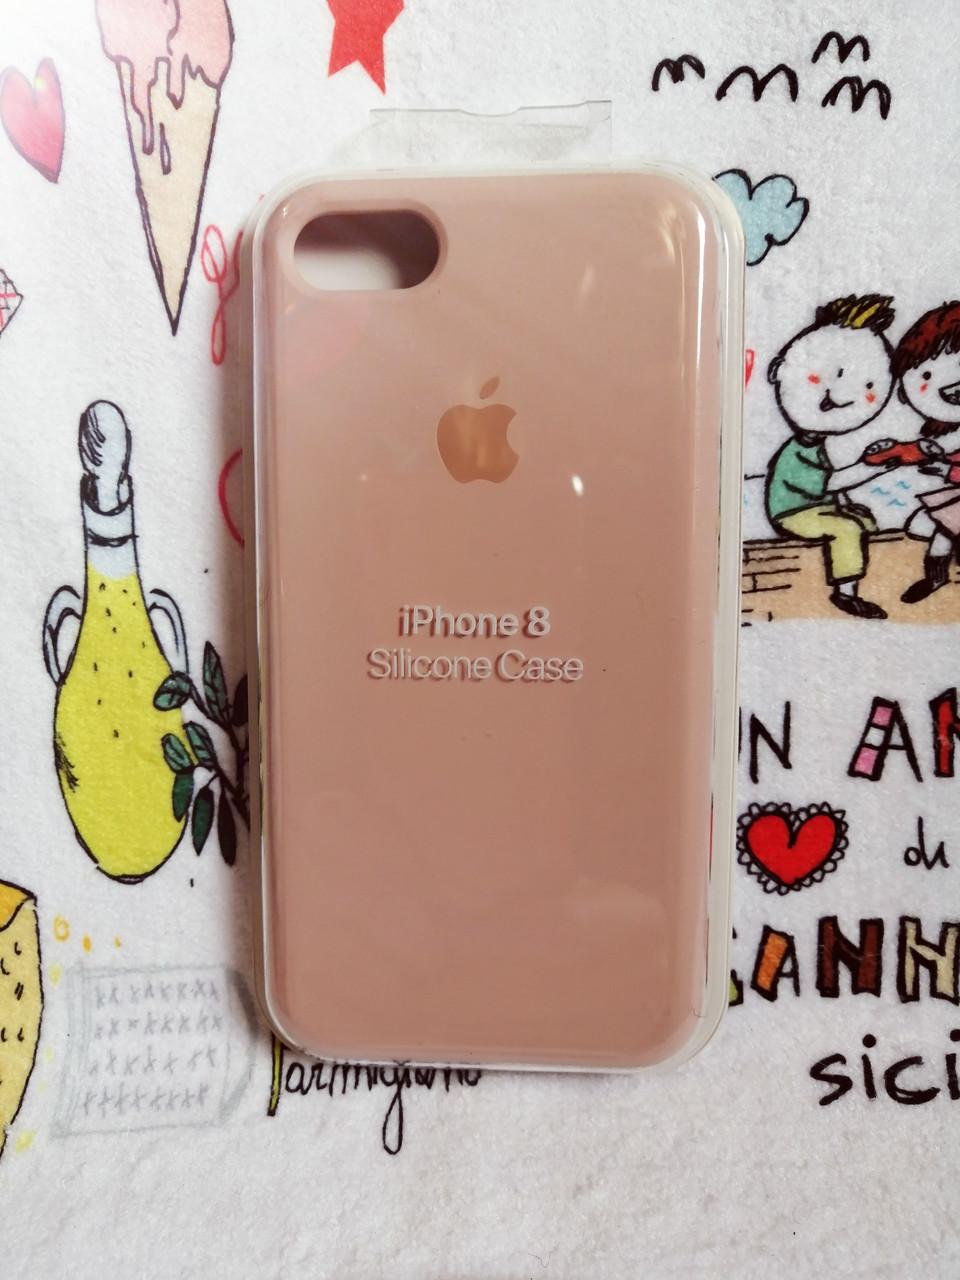 Силиконовый чехолApple Silicone CaseдляiPhone 7 / 8 - Color 9